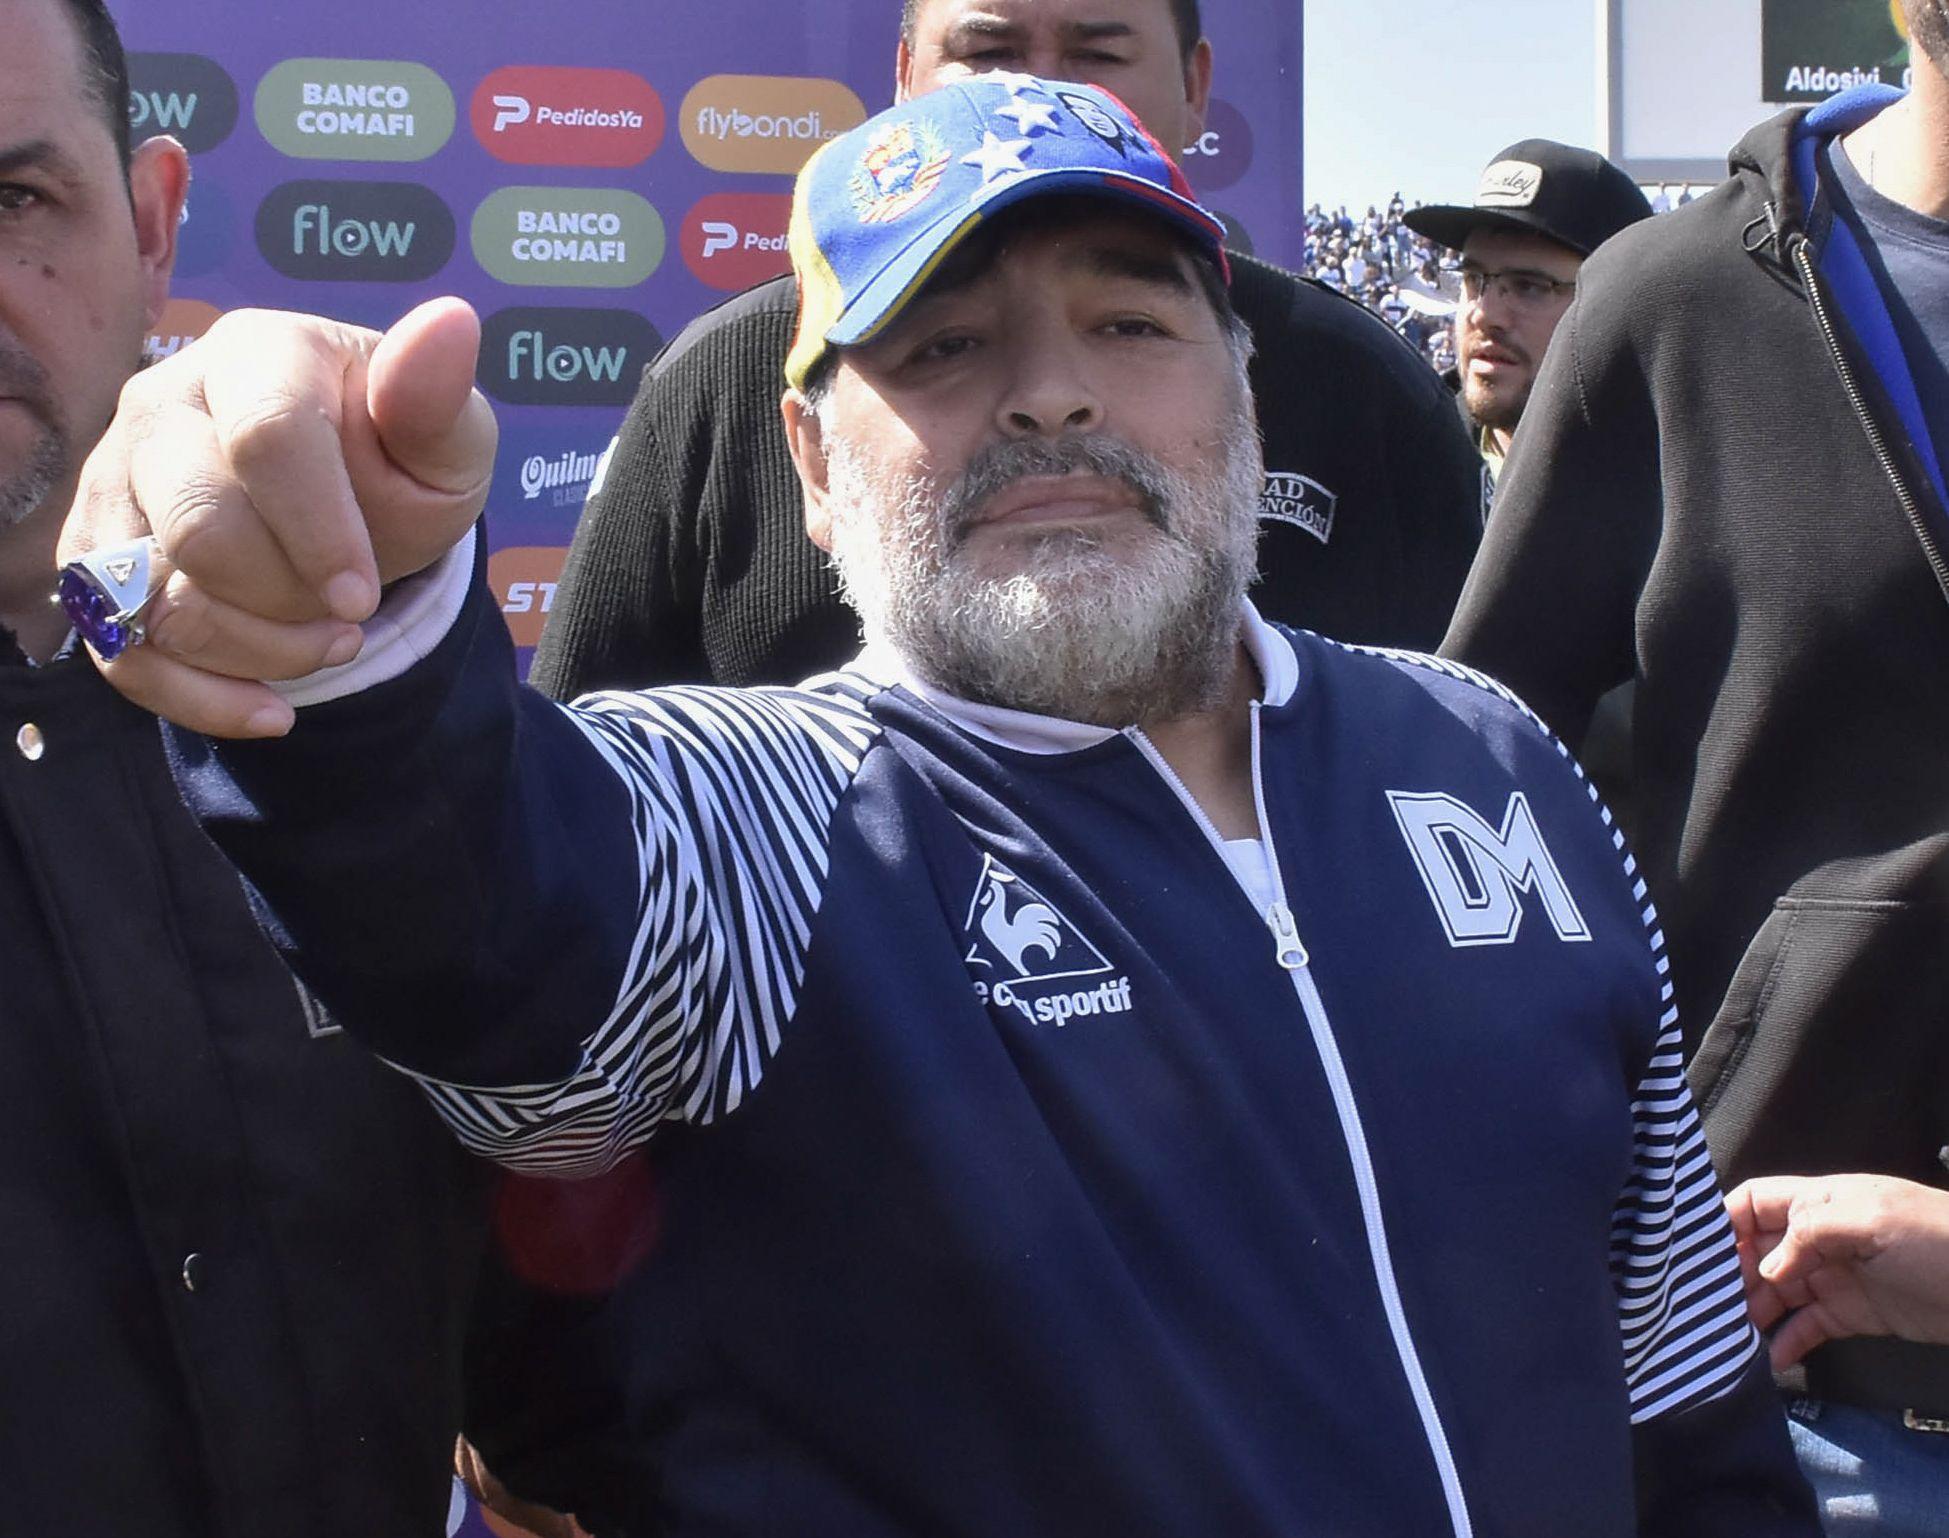 Confirmado: Diego Armando Maradona sigue siendo el DT de Gimnasia